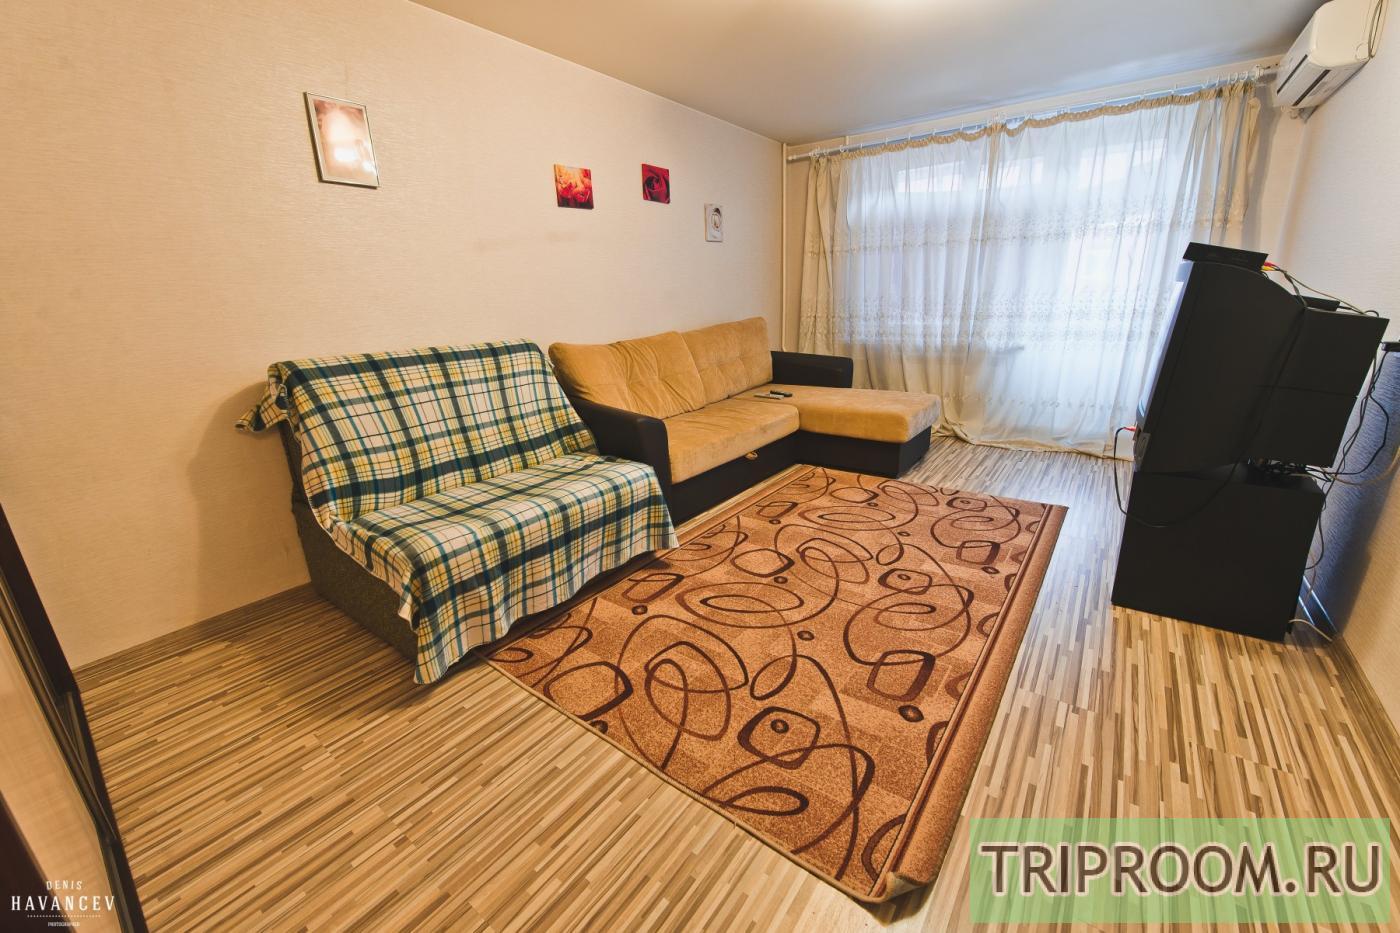 1-комнатная квартира посуточно (вариант № 14830), ул. Рахова улица, фото № 1